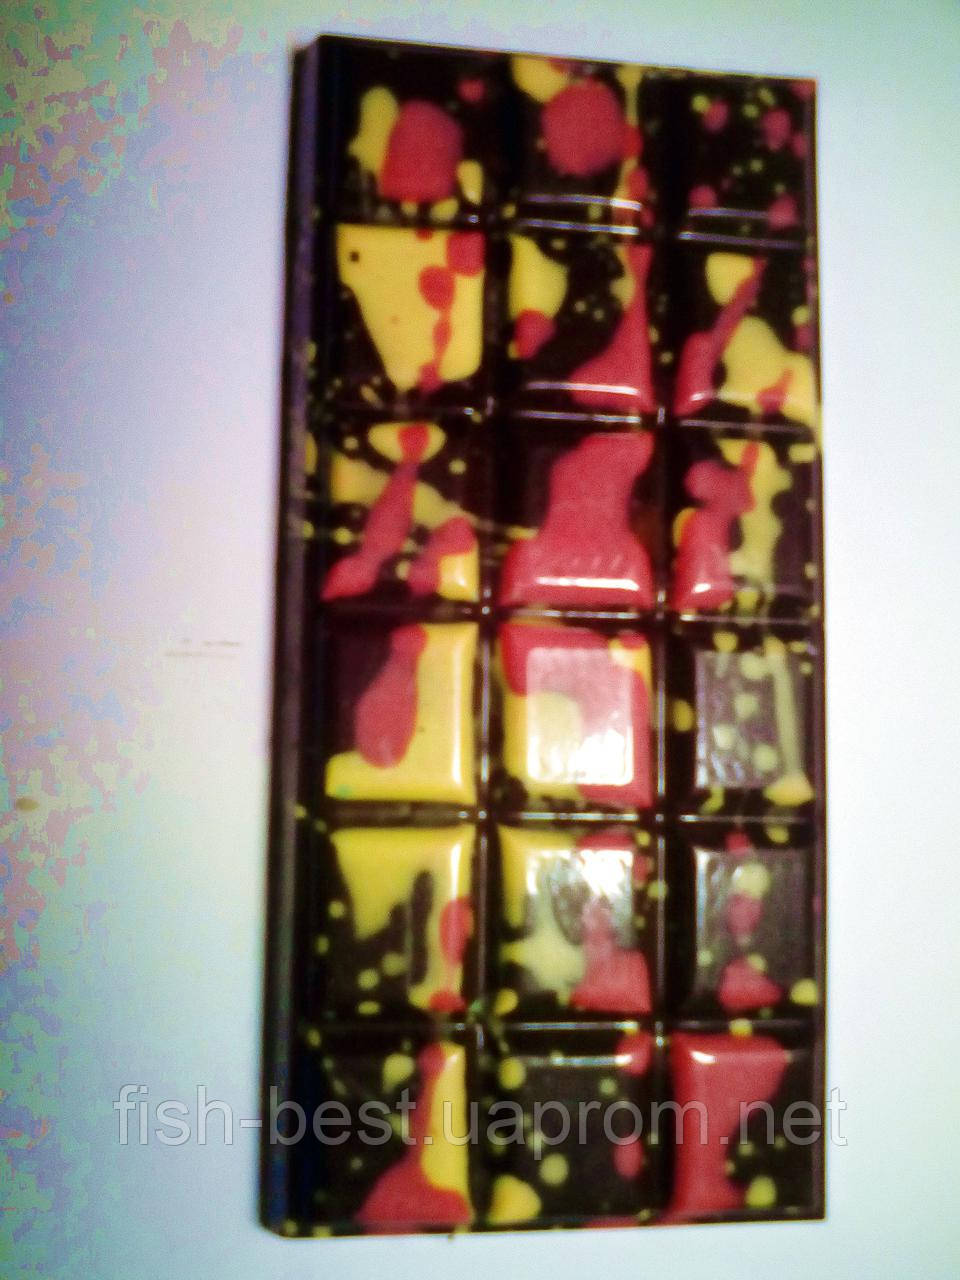 Шоколад с кэроба, ореховое ассорти. 100 грамм.